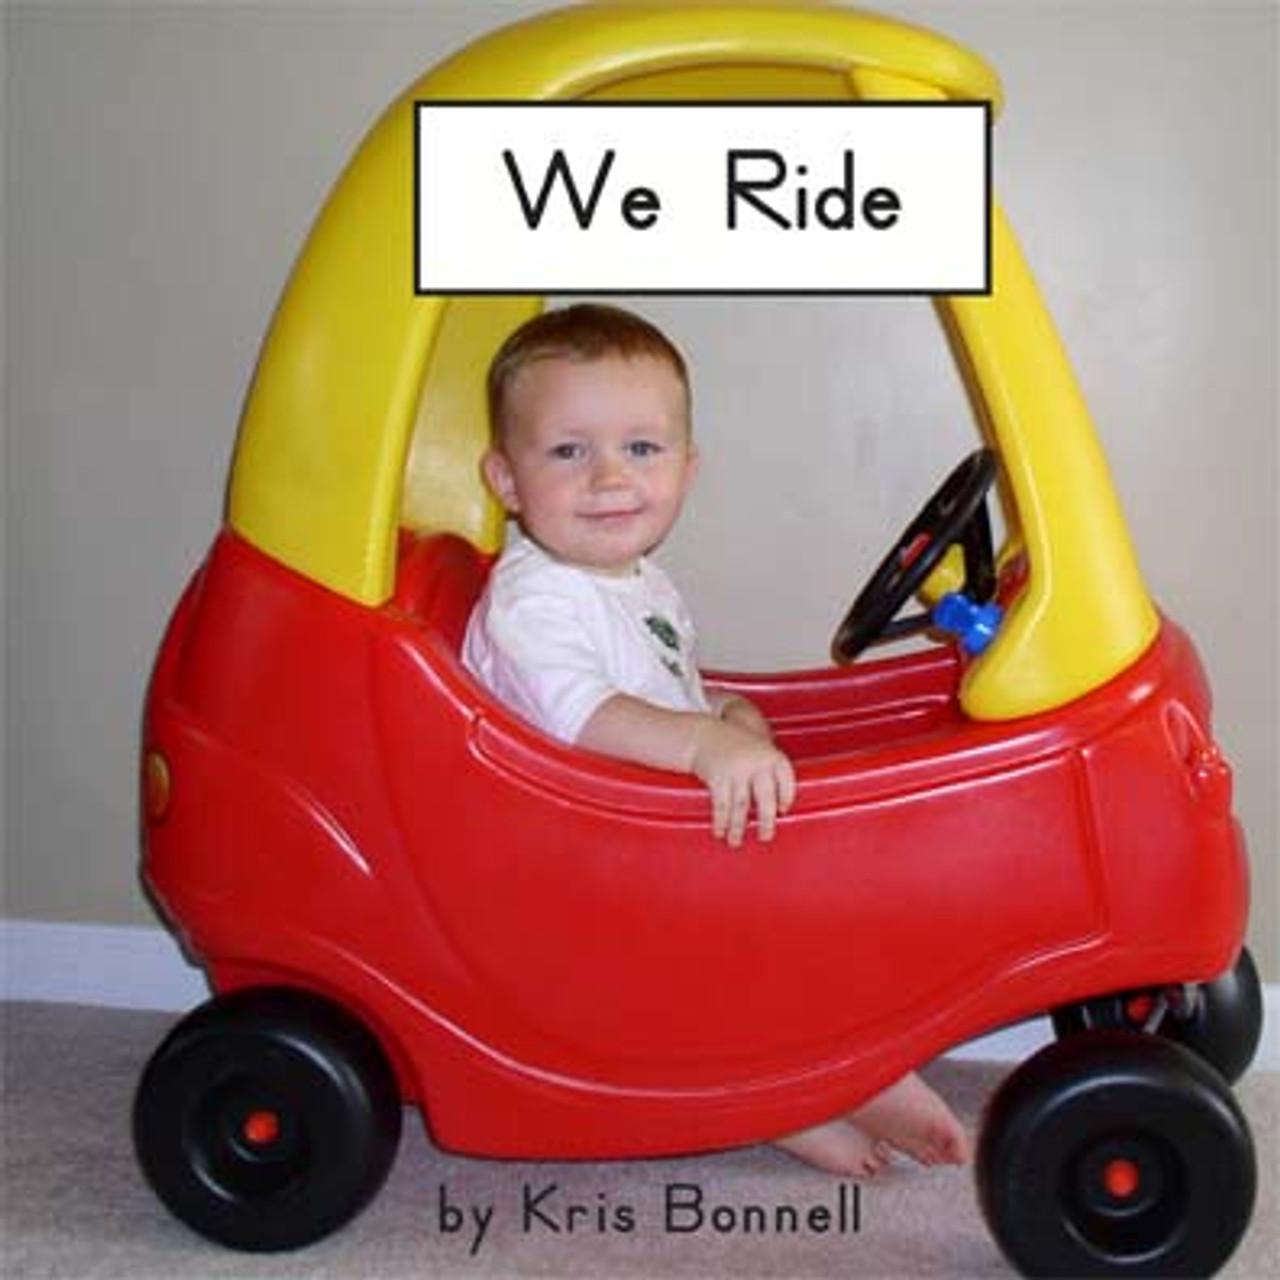 We Ride - Level C/3